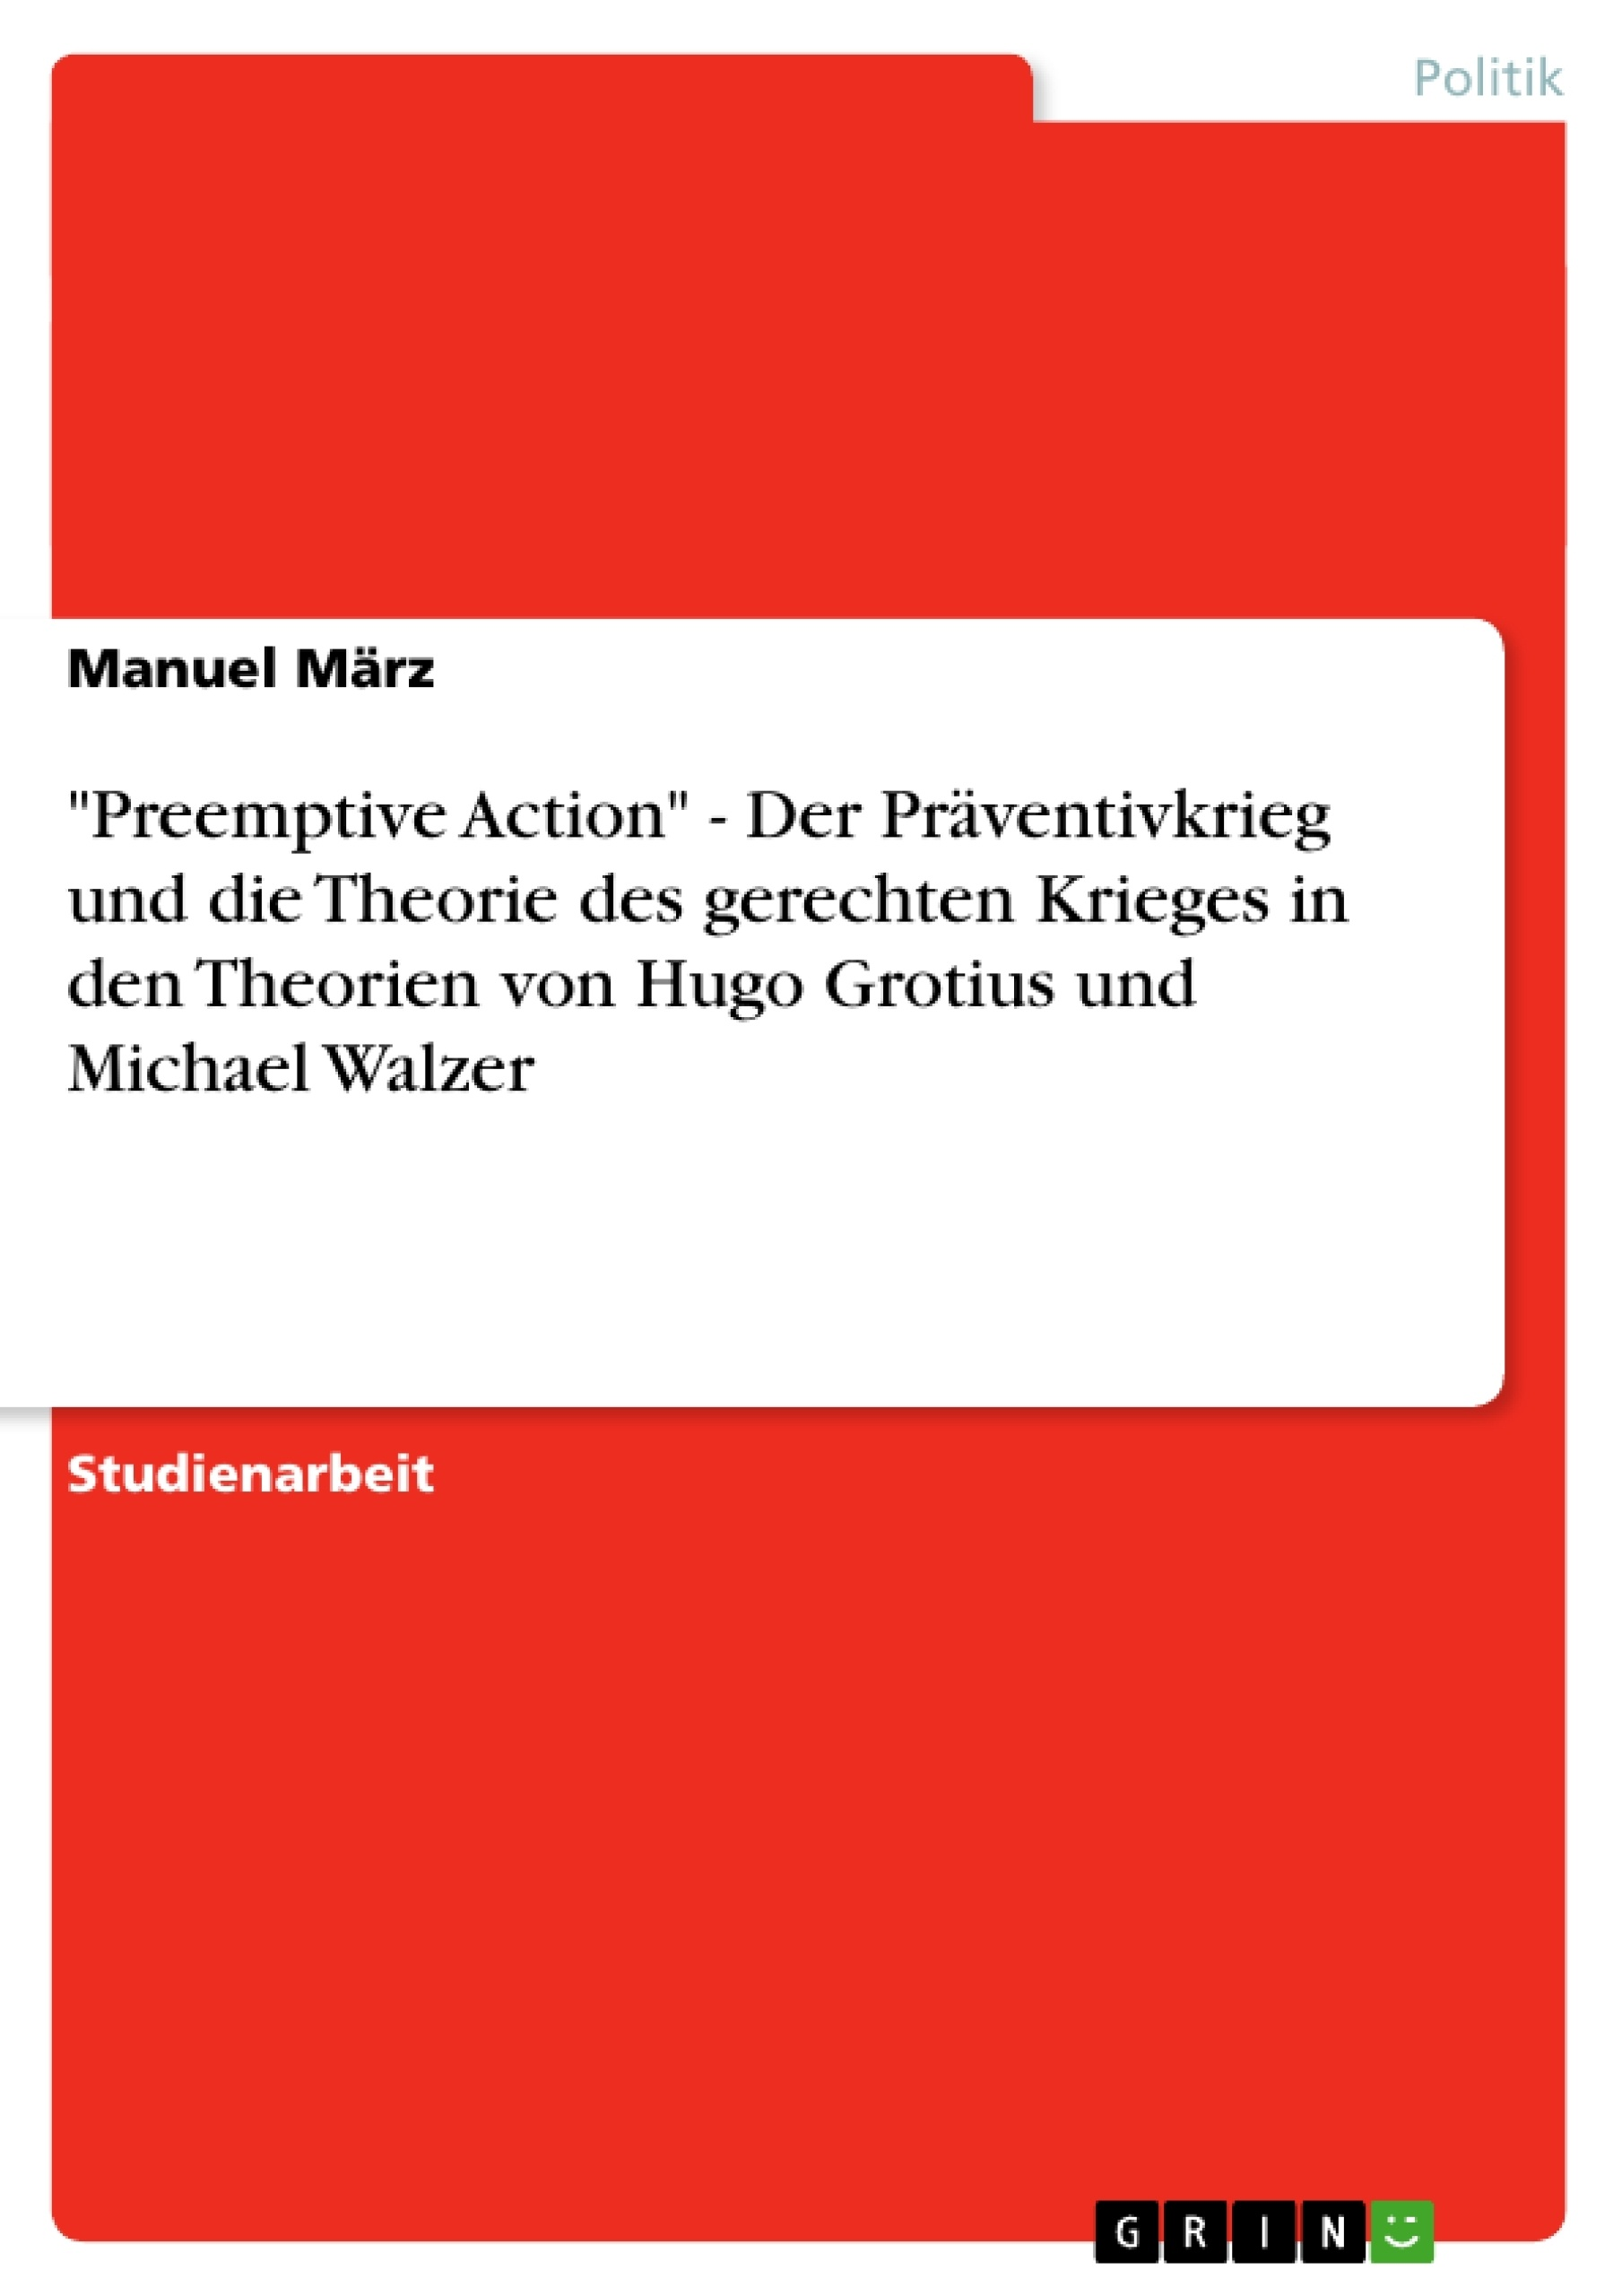 """Titel: """"Preemptive Action"""" - Der Präventivkrieg und die Theorie des gerechten Krieges in den Theorien von Hugo Grotius und Michael Walzer"""